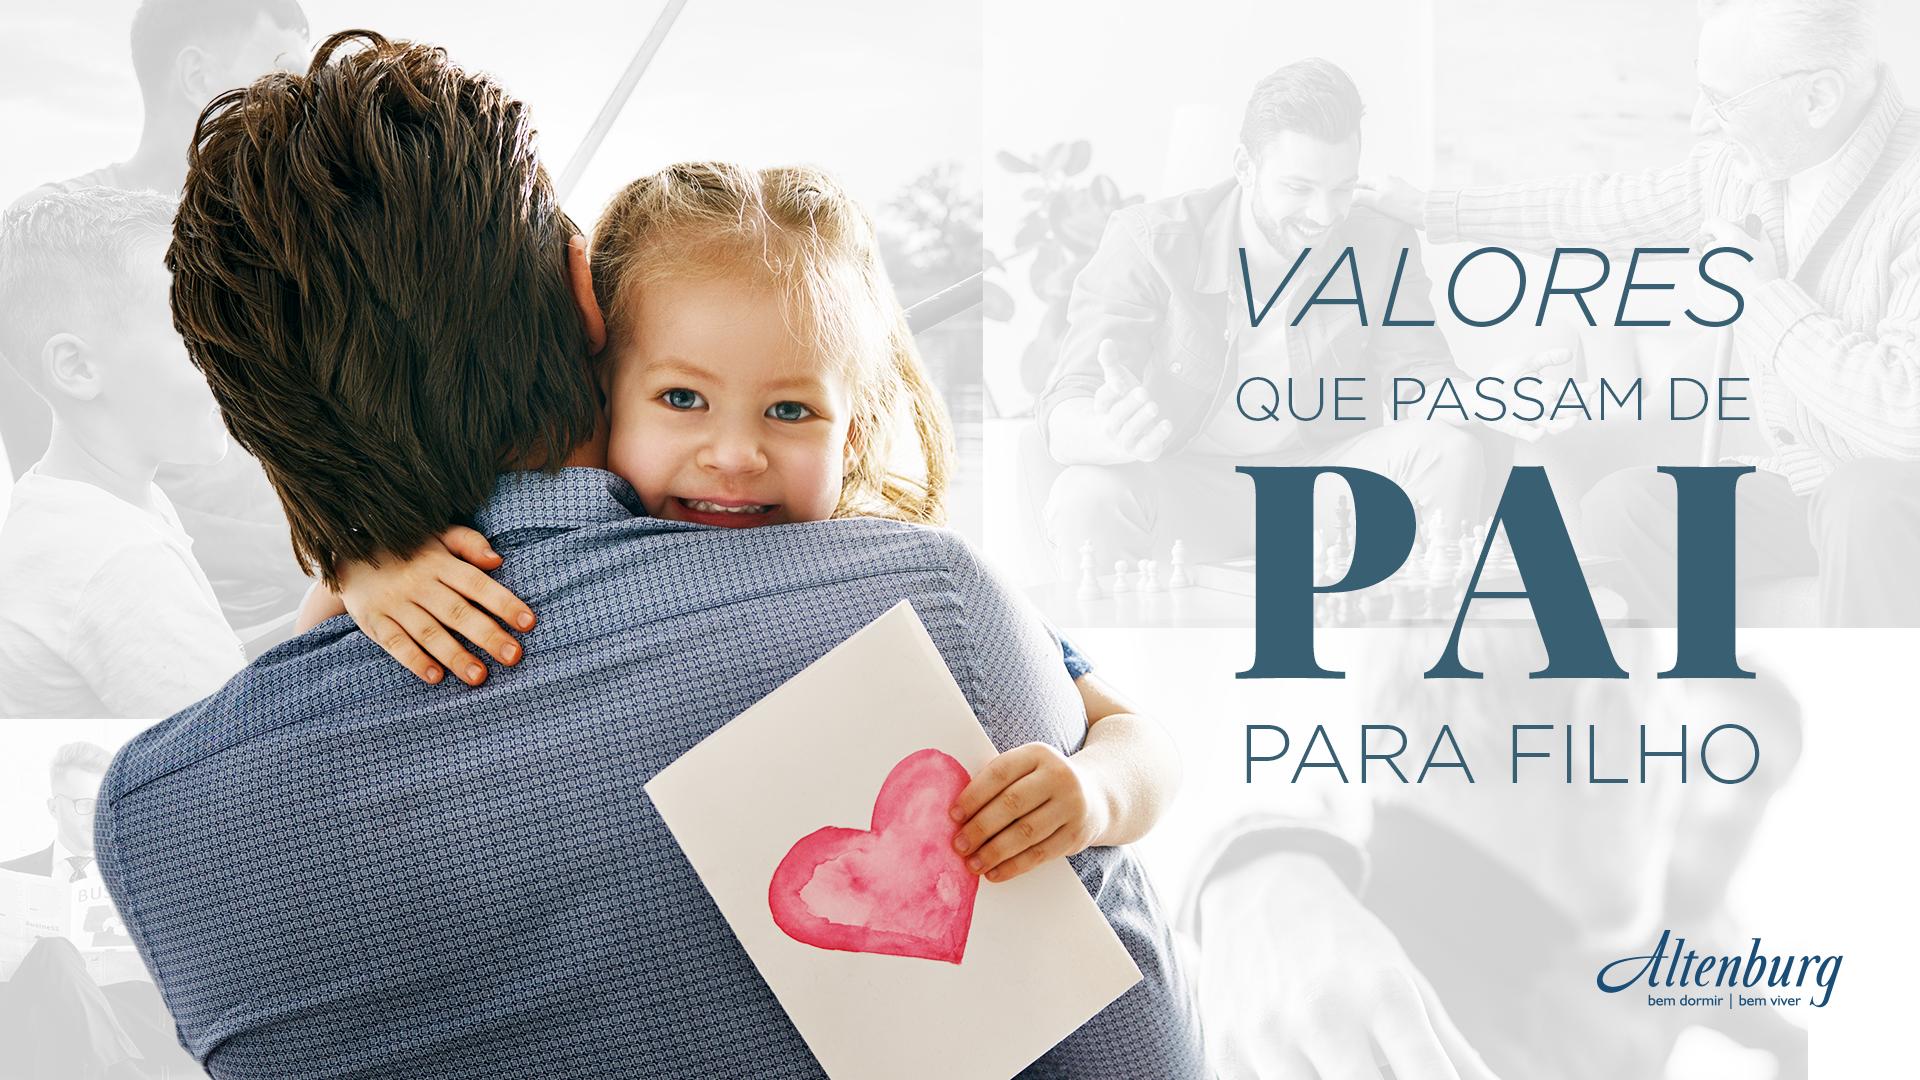 Dia dos Pais: o que fazer nessa data especial?